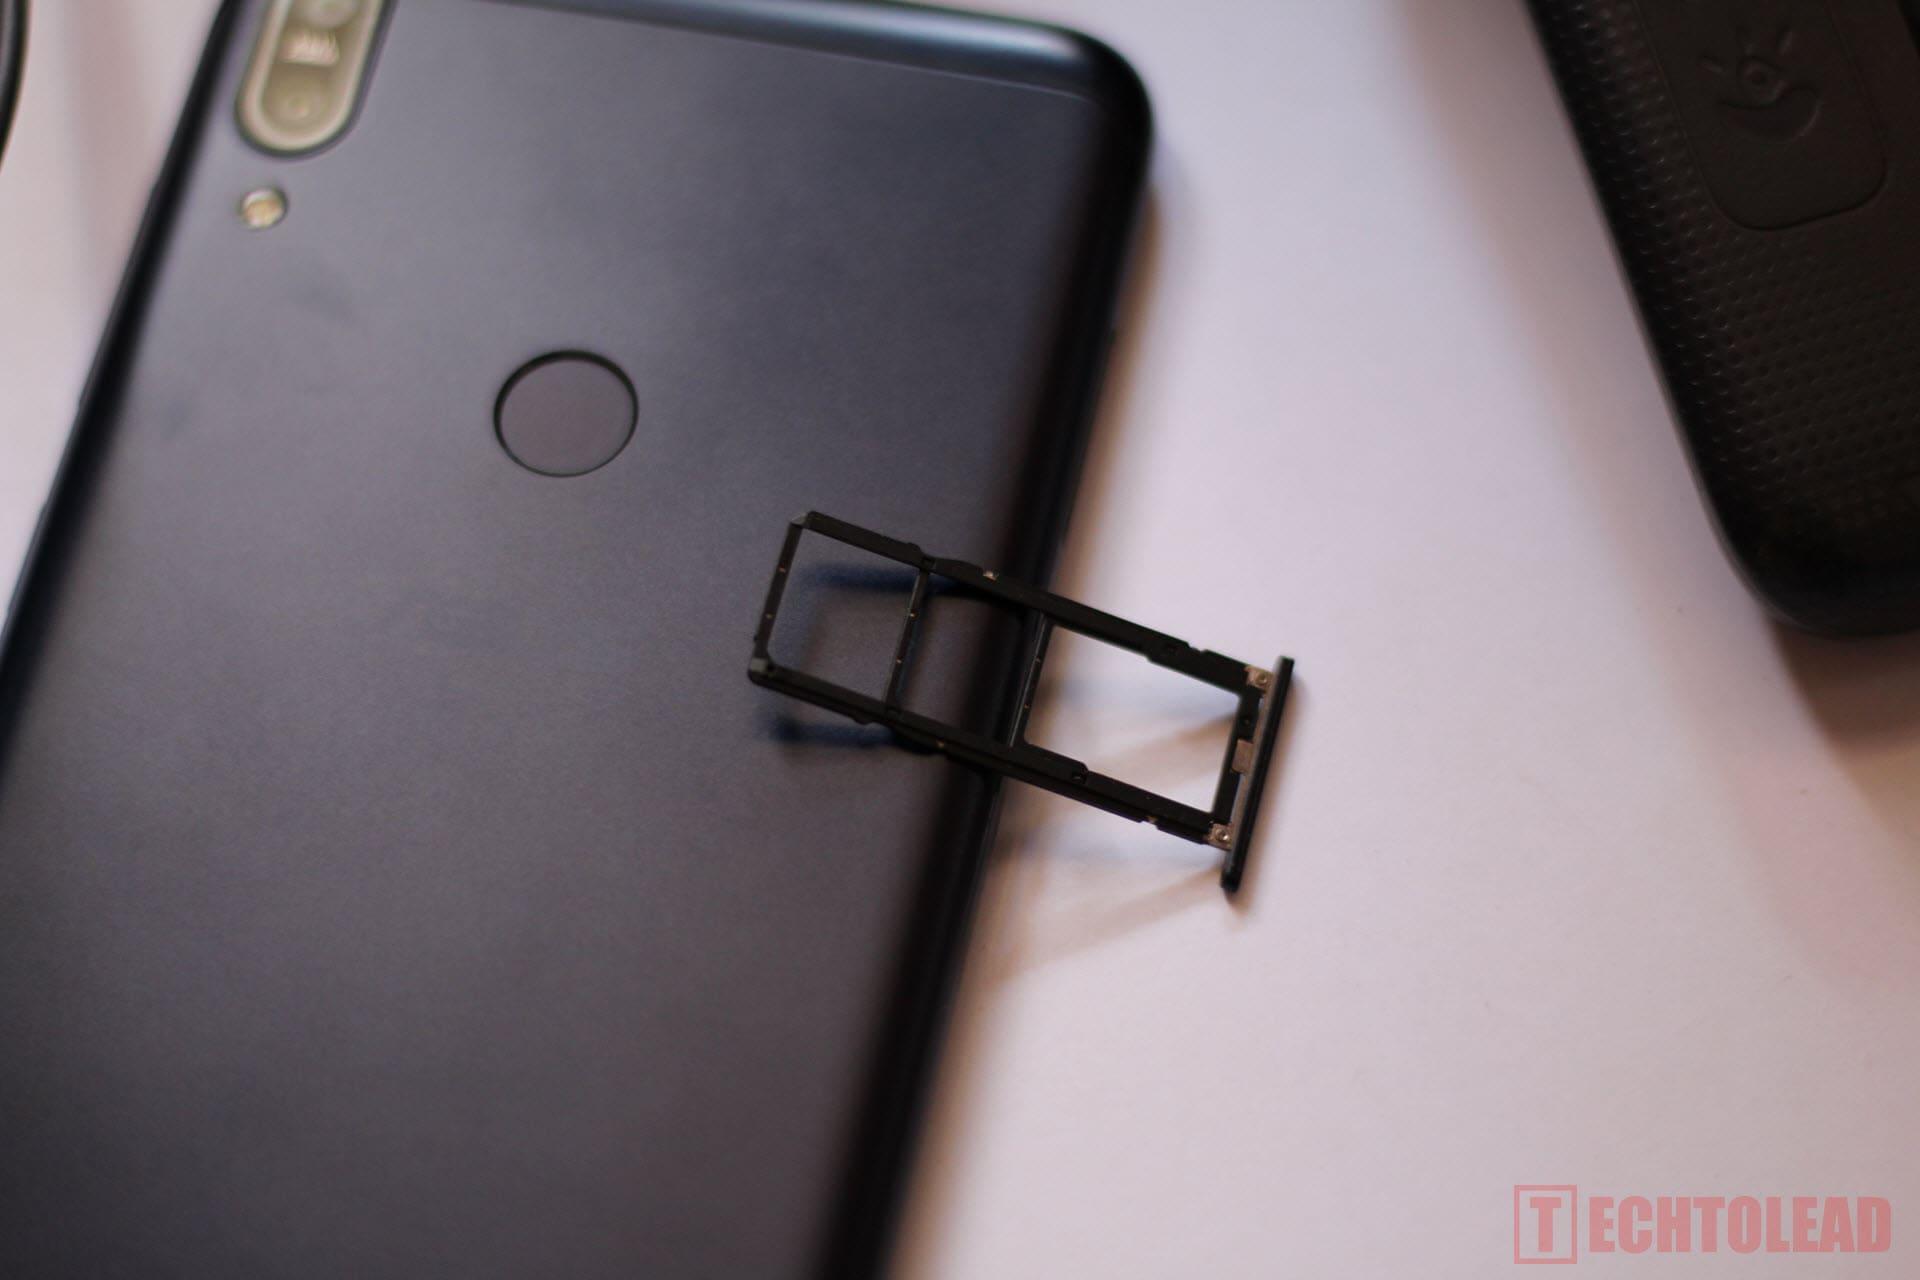 Asus Zenfone Max Pro M1 Left SIM SLOT